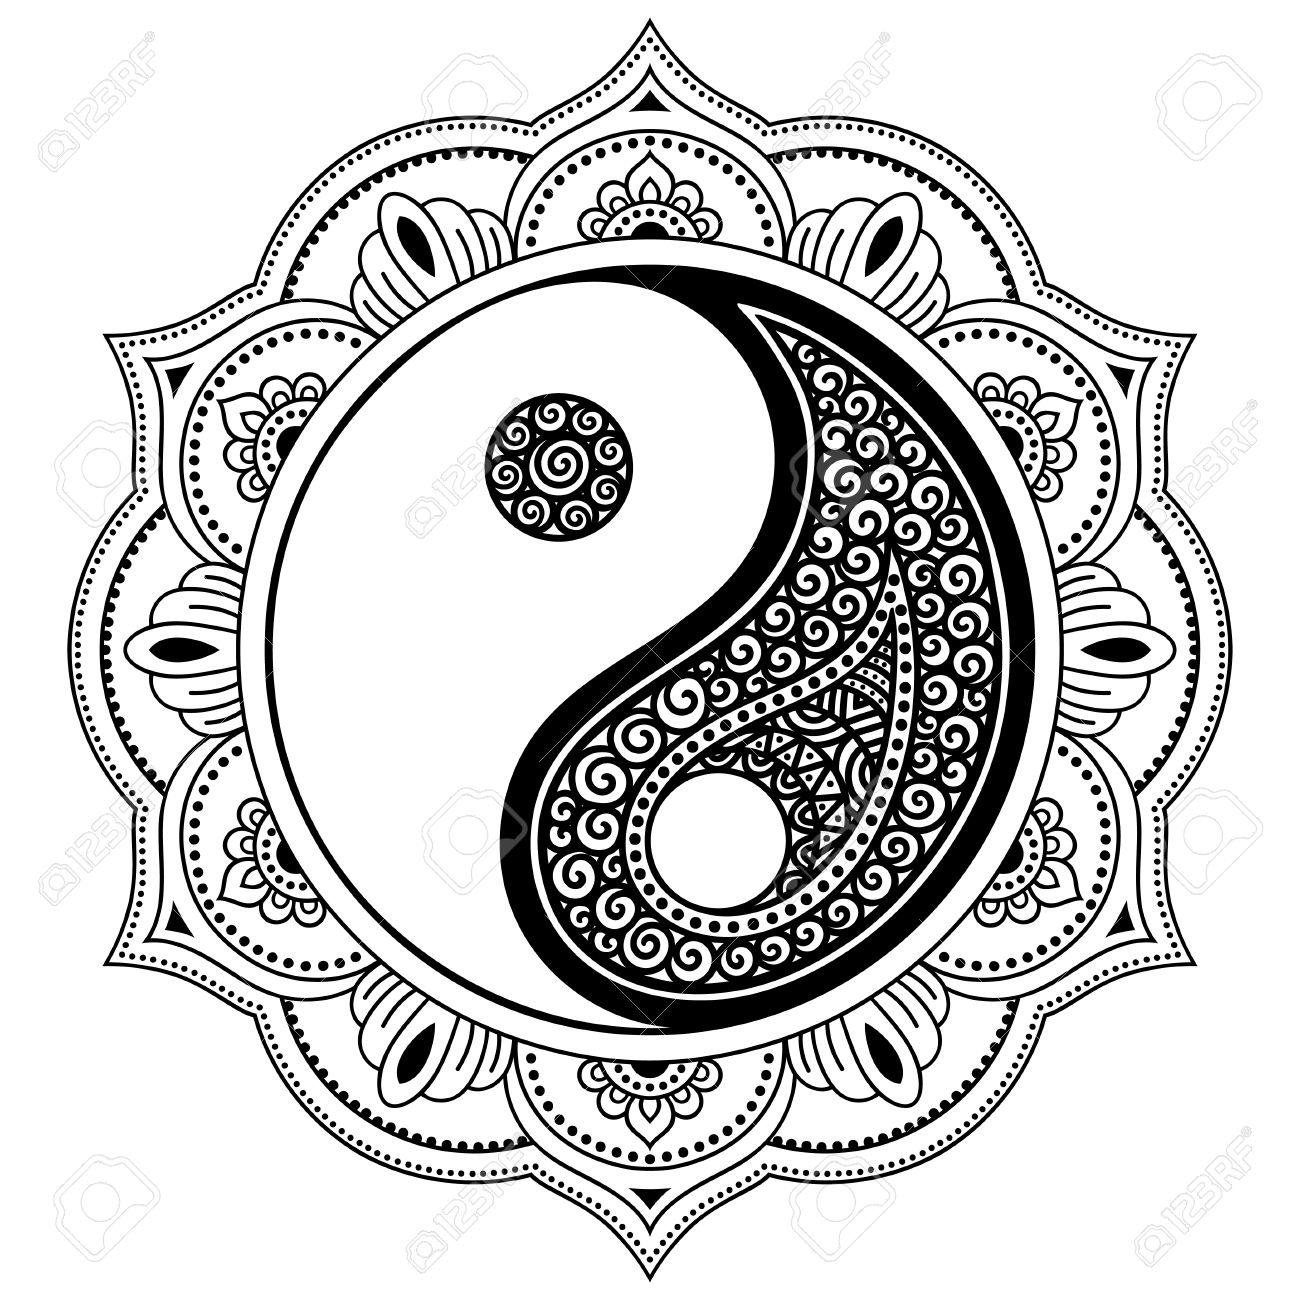 Mandala De Tatouage Vector Henna Symbole Decoratif Yin Yang Mehndi Style Modele Decoratif De Style Oriental Page De Coloriage Clip Art Libres De Droits Vecteurs Et Illustration Image 75745298